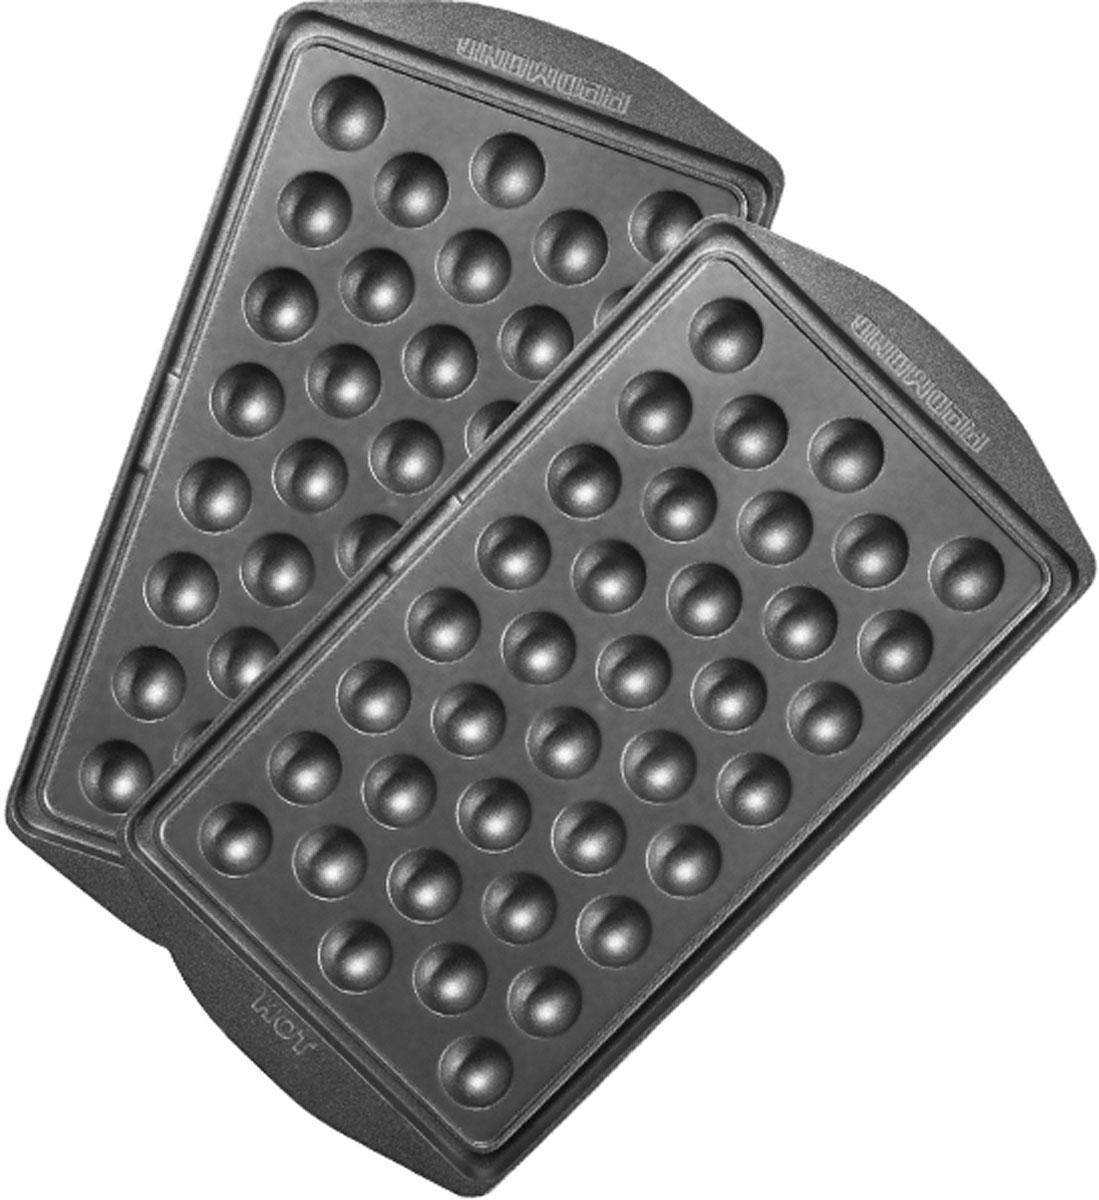 Redmond RAMB-20 (Гонконгские вафли), Black панель для мультипекаряRAMB-20Универсальные съемные панели для любого Мультипекаря REDMOND серии 6! Размер одной панели 250х132х9 мм.Позволят вам приготовить одно из самых популярных в мире блюд – гонконгские вафли и дополнить их любой сладкой или сытной начинкой на ваш выбор! Вложите в вафли пару шариков любимого мороженого, фрукты со взбитыми сливками, сделайте аппетитную вафлю с начинкой из мяса и овощей – что бы вы ни приготовили, вафли будут неизменно радовать вас отменным вкусом, ведь вы будете готовить без консервантов и вредных добавок. Панели изготовлены из металла с антипригарным покрытием – они долговечны и легки в уходе, а готовить на них можно без масла! Удобные ручки позволят вам с удобством снимать панели с корпуса Мультипекаря.